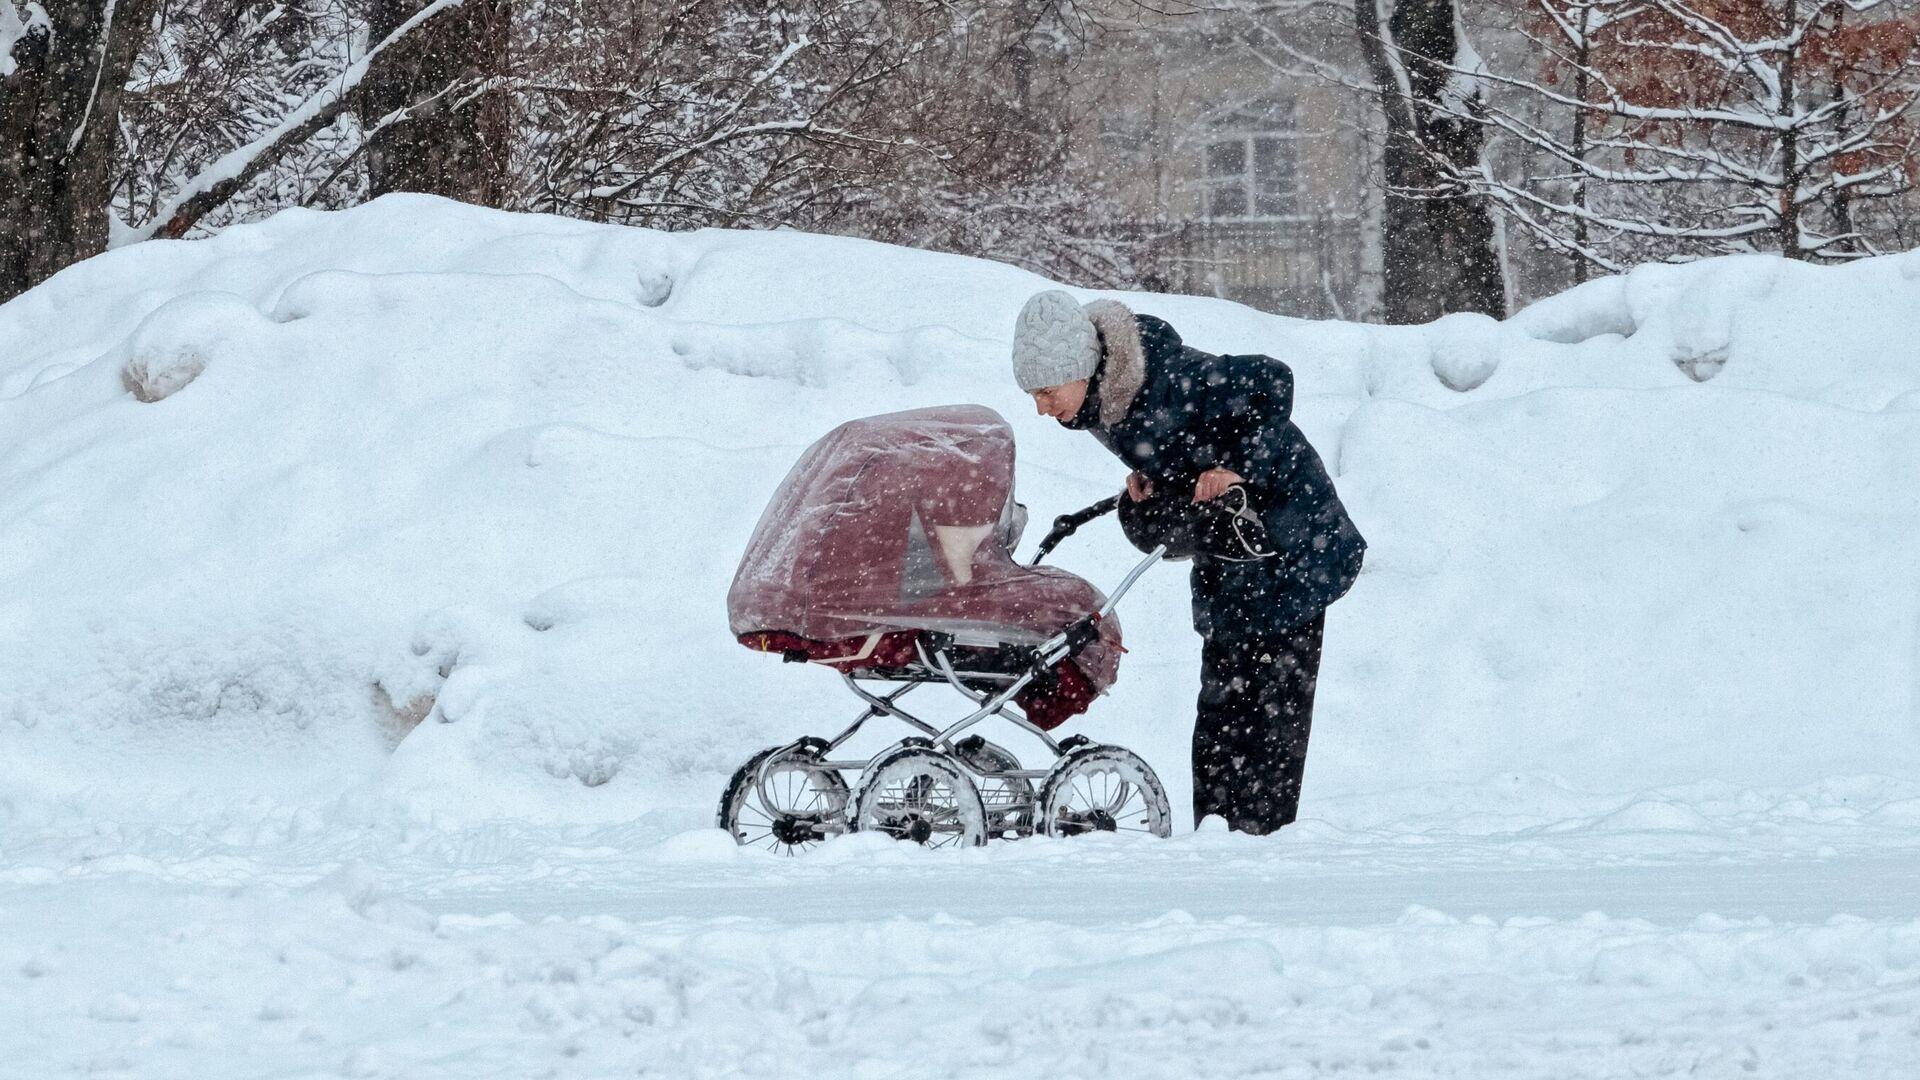 Женщина гуляет с коляской в парке - РИА Новости, 1920, 09.03.2021